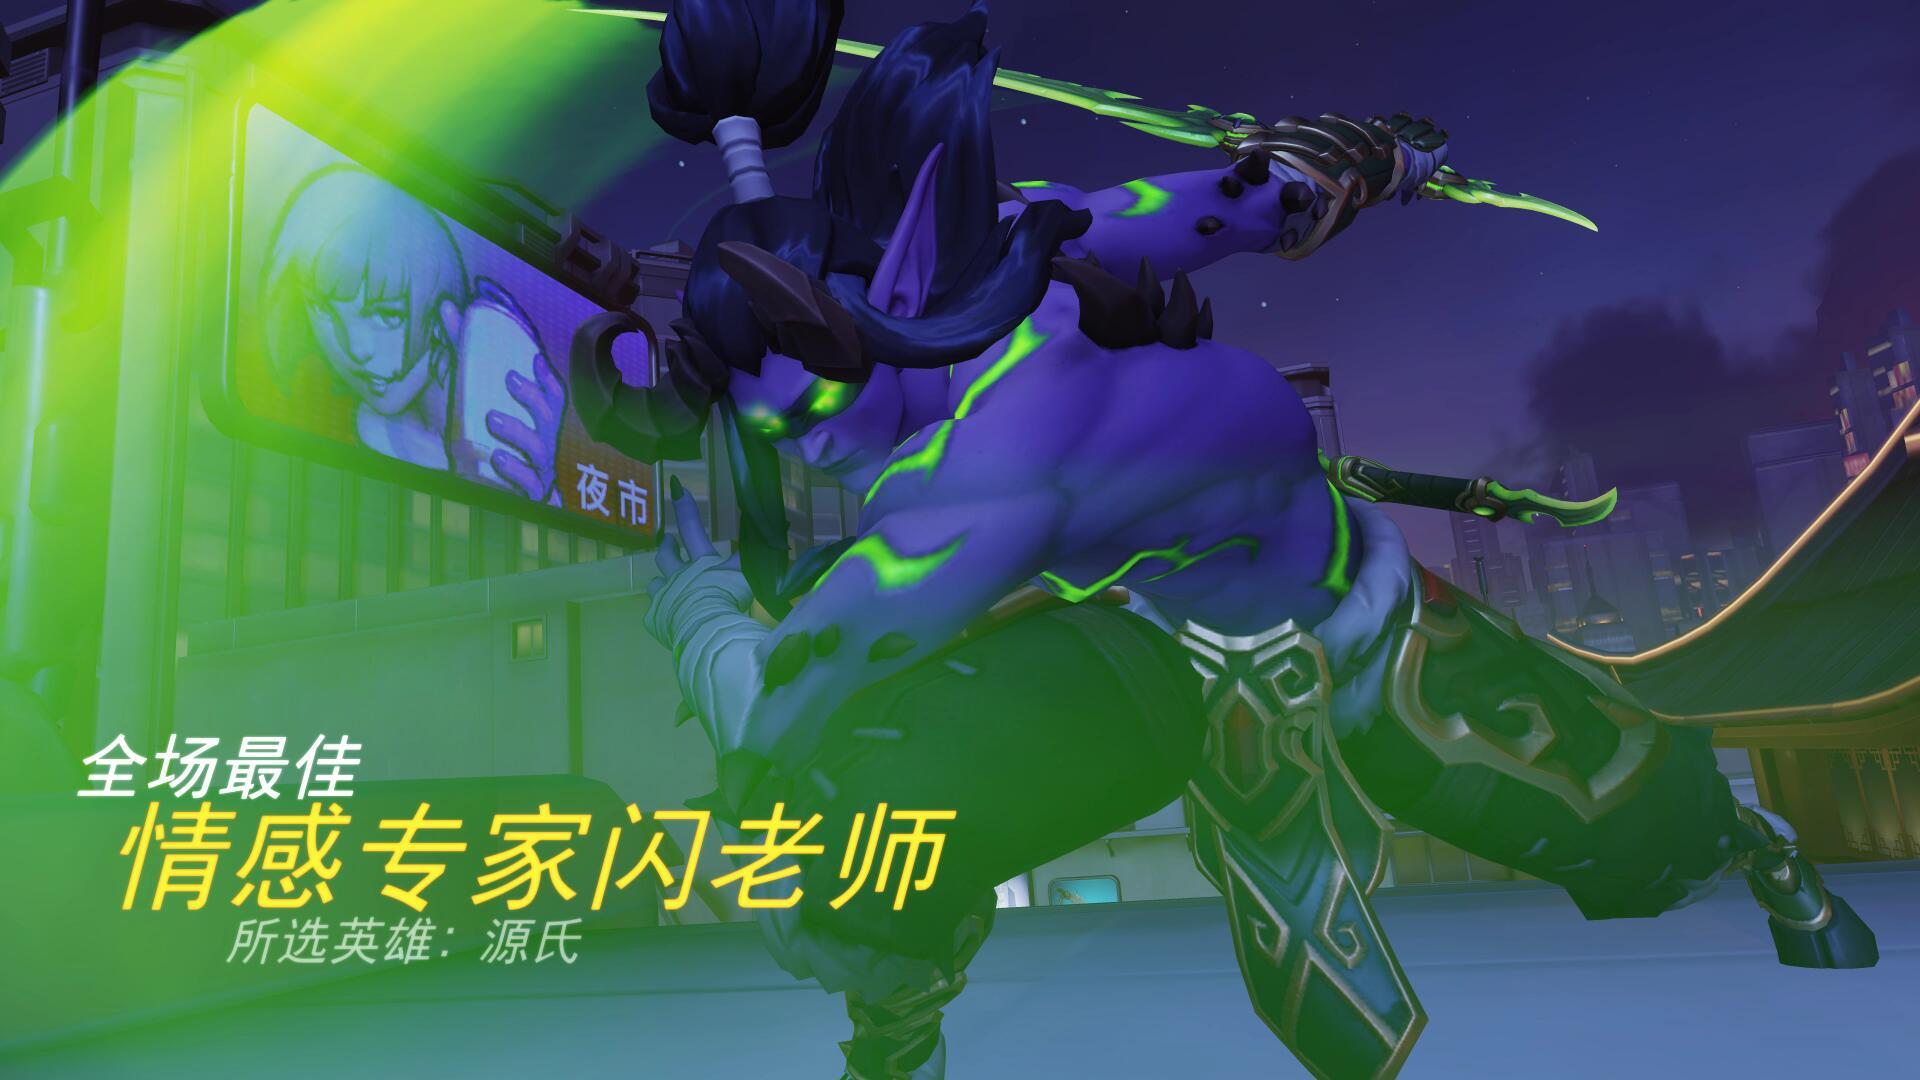 【ACFUN守望先锋娱乐对抗赛】决赛第一场漓江塔个人视角